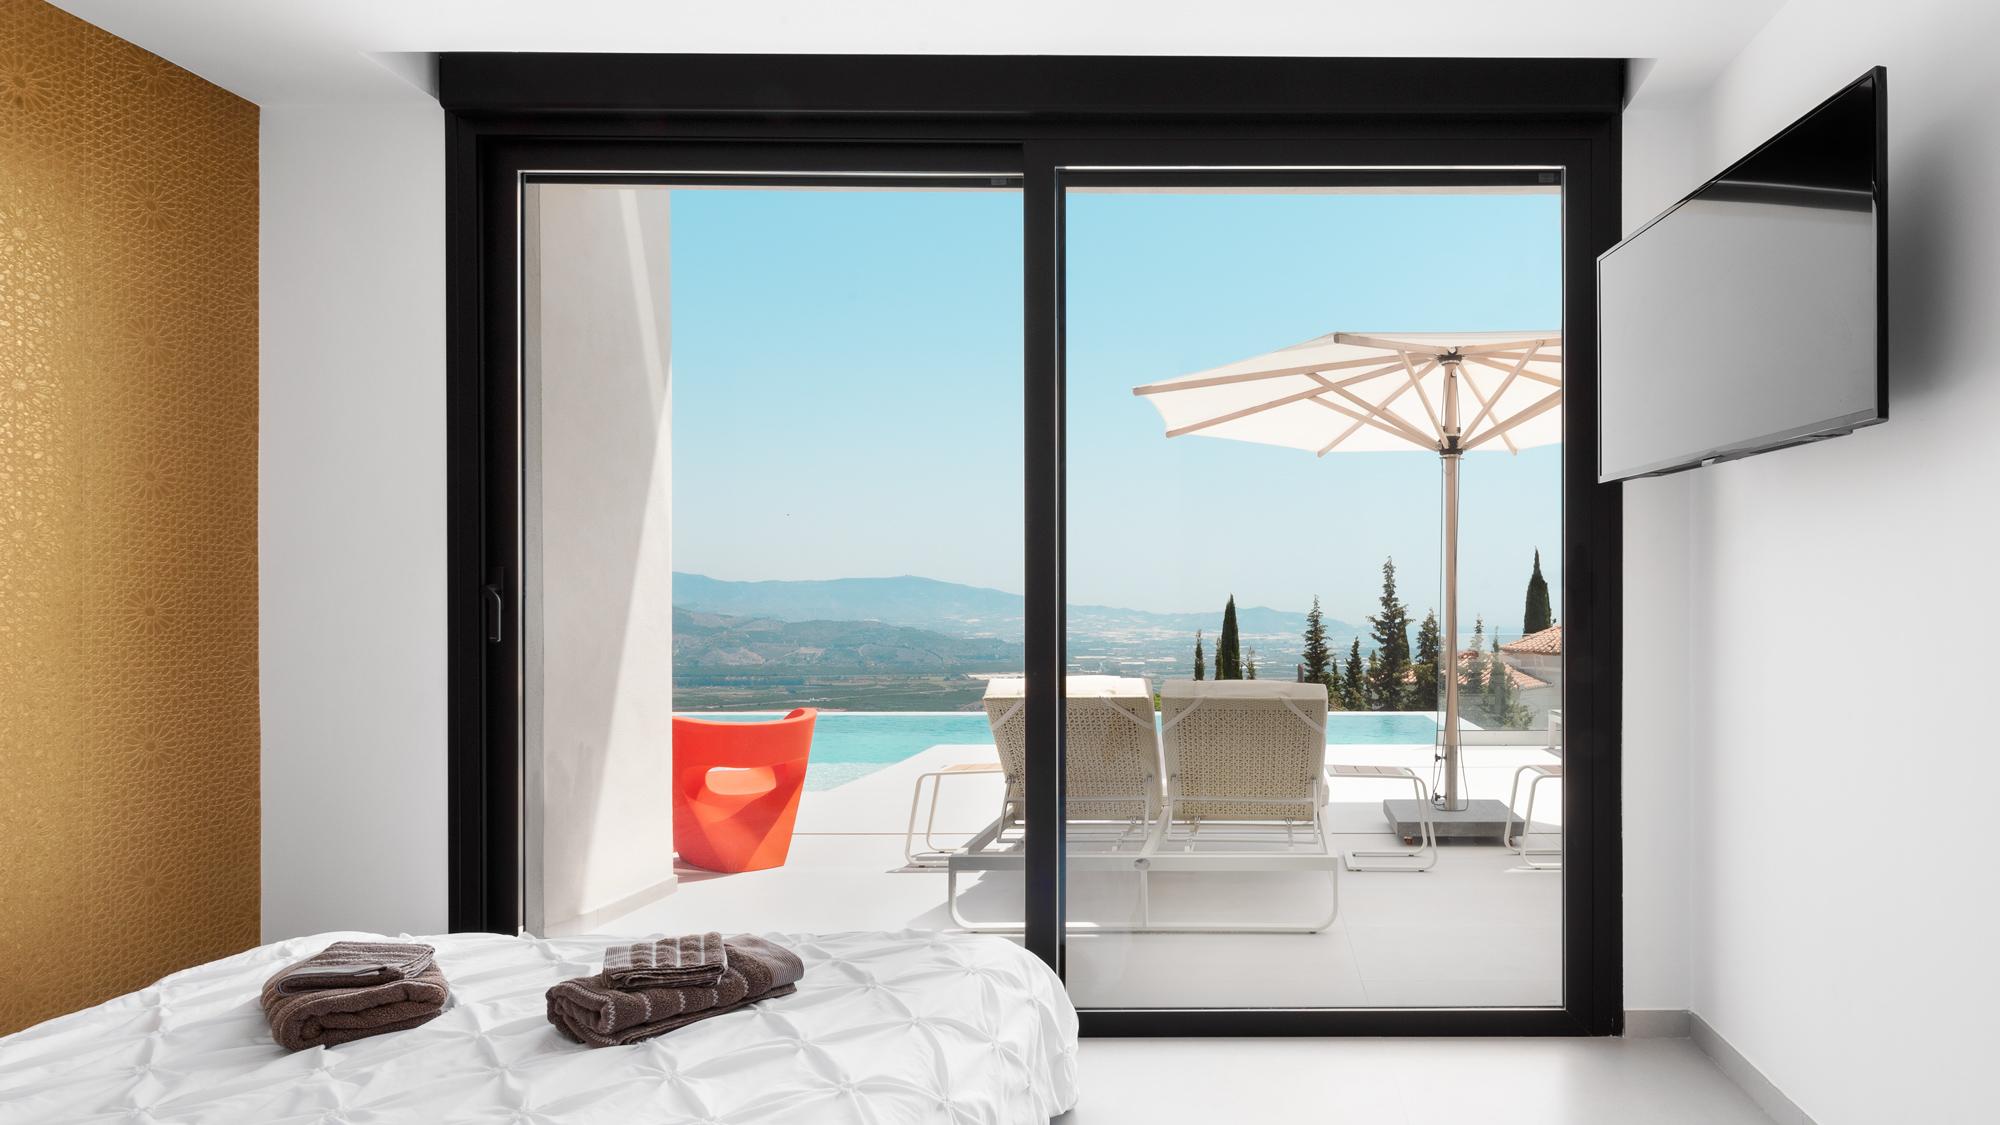 Dani Vottero, fotógrafo de interiores y real estate   Andalucía - REAL ESTATE - Dani Vottero, fotógrafo para Real Estate   Marbella   Málaga